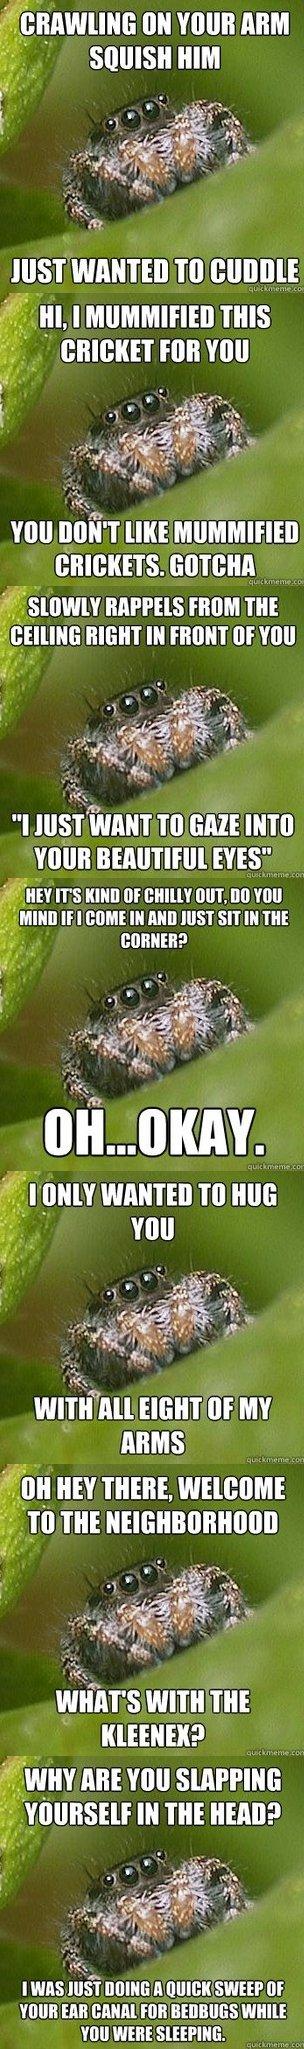 Misunderstood Spider. . an mun ml i HIM Just wanna TO : vuu [IKE r::, i) ii, tsim, r lolrus mun THE ll mii' TO can mu Ens? IT' S nanu Elf um, M 'mu a' i, mun If misunderstood spider